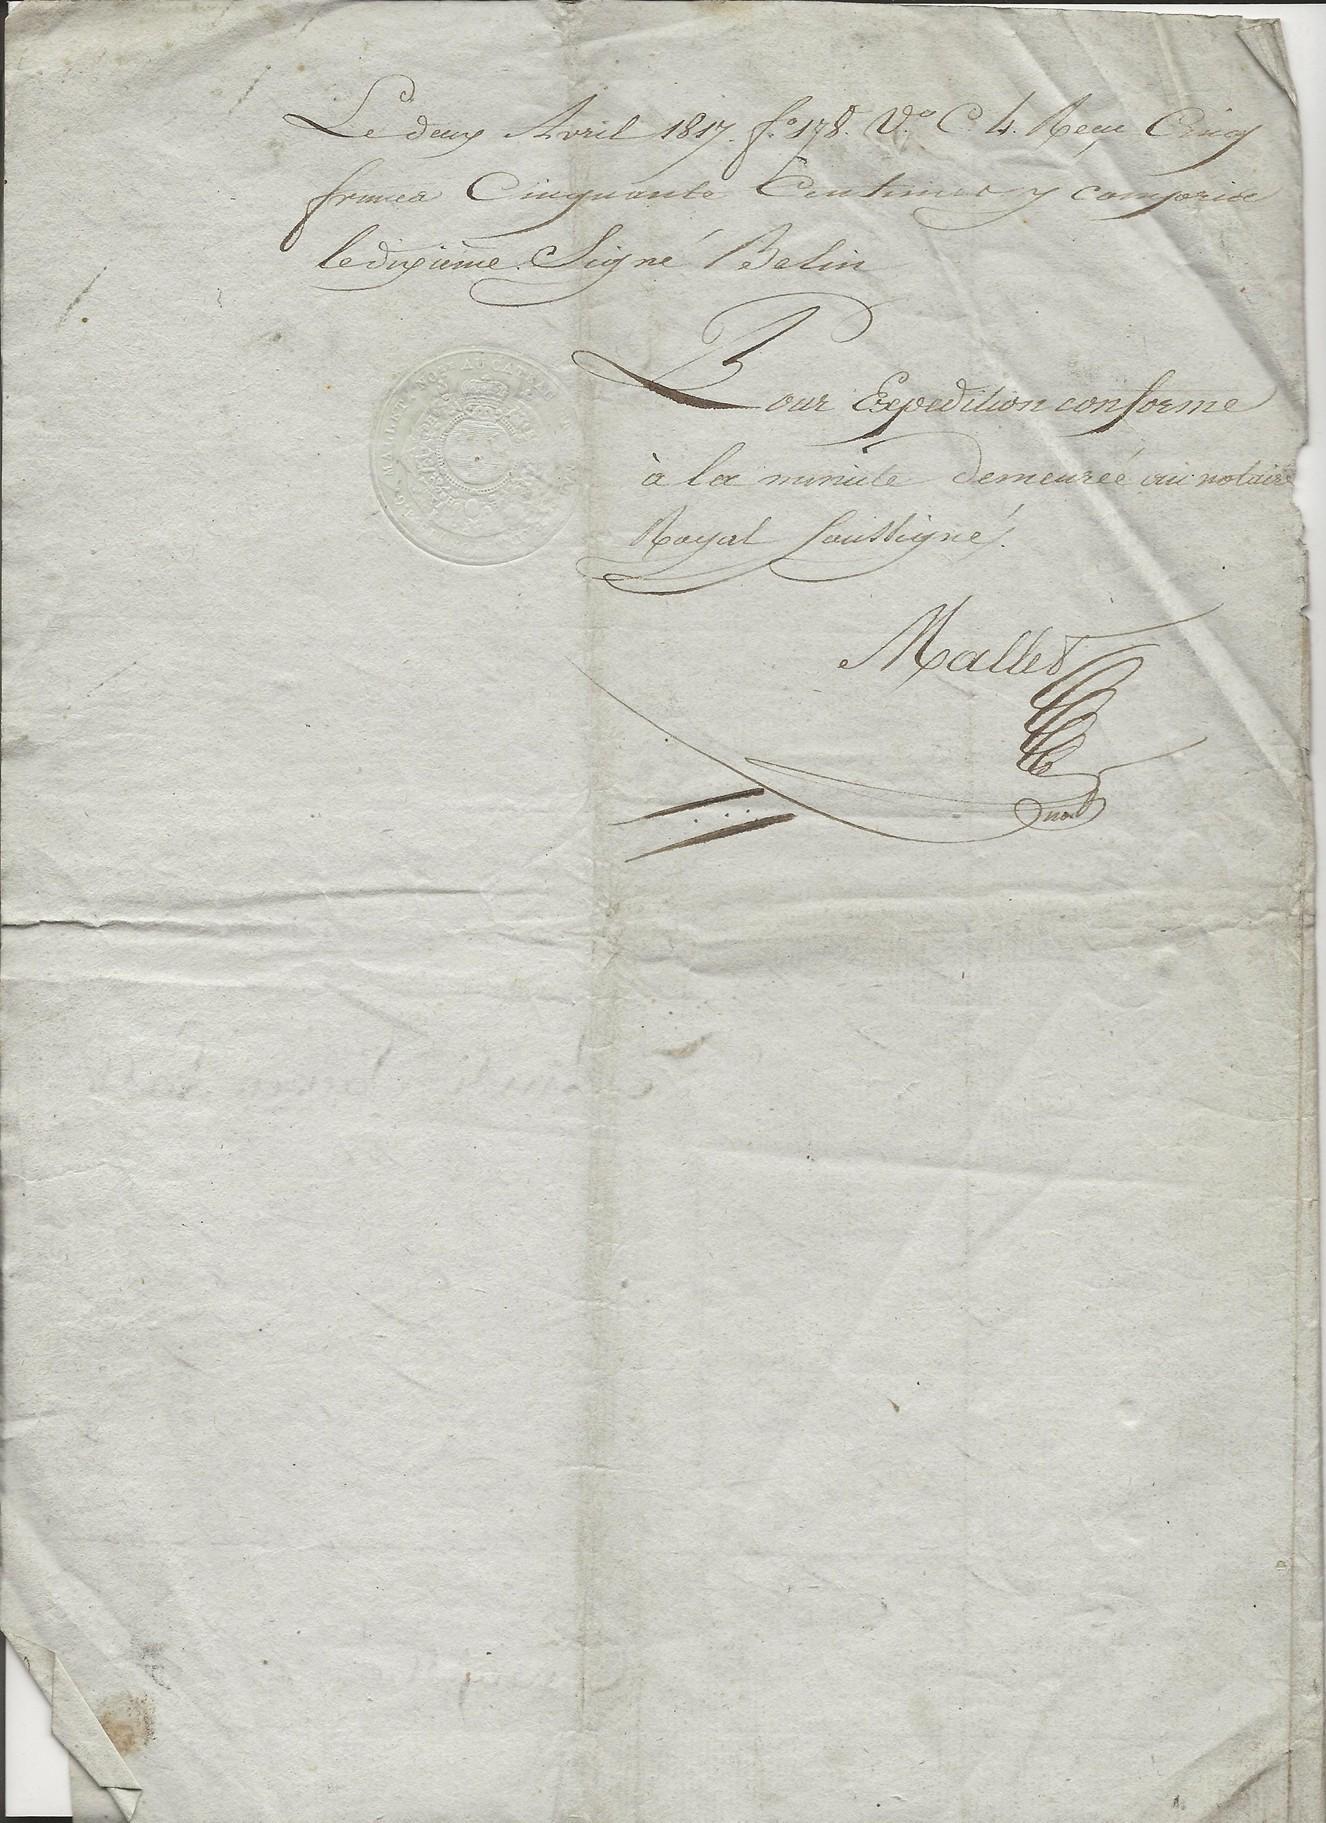 1817 partage biens antoine taine x florentine louvet 004